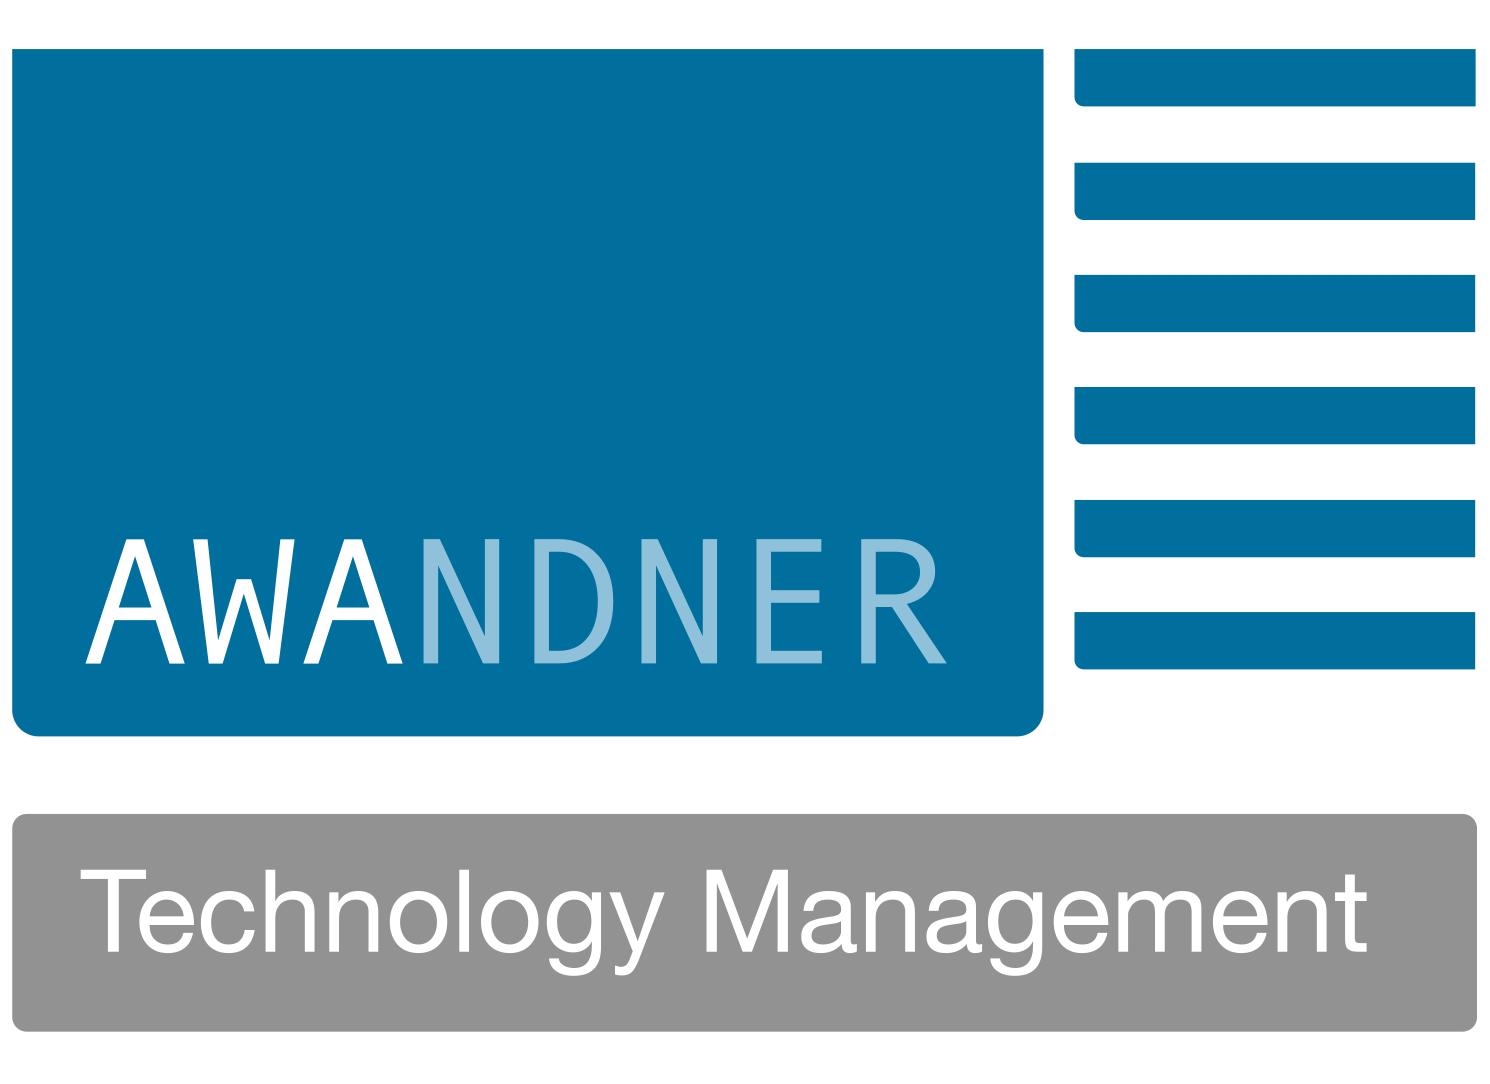 Logo awandner